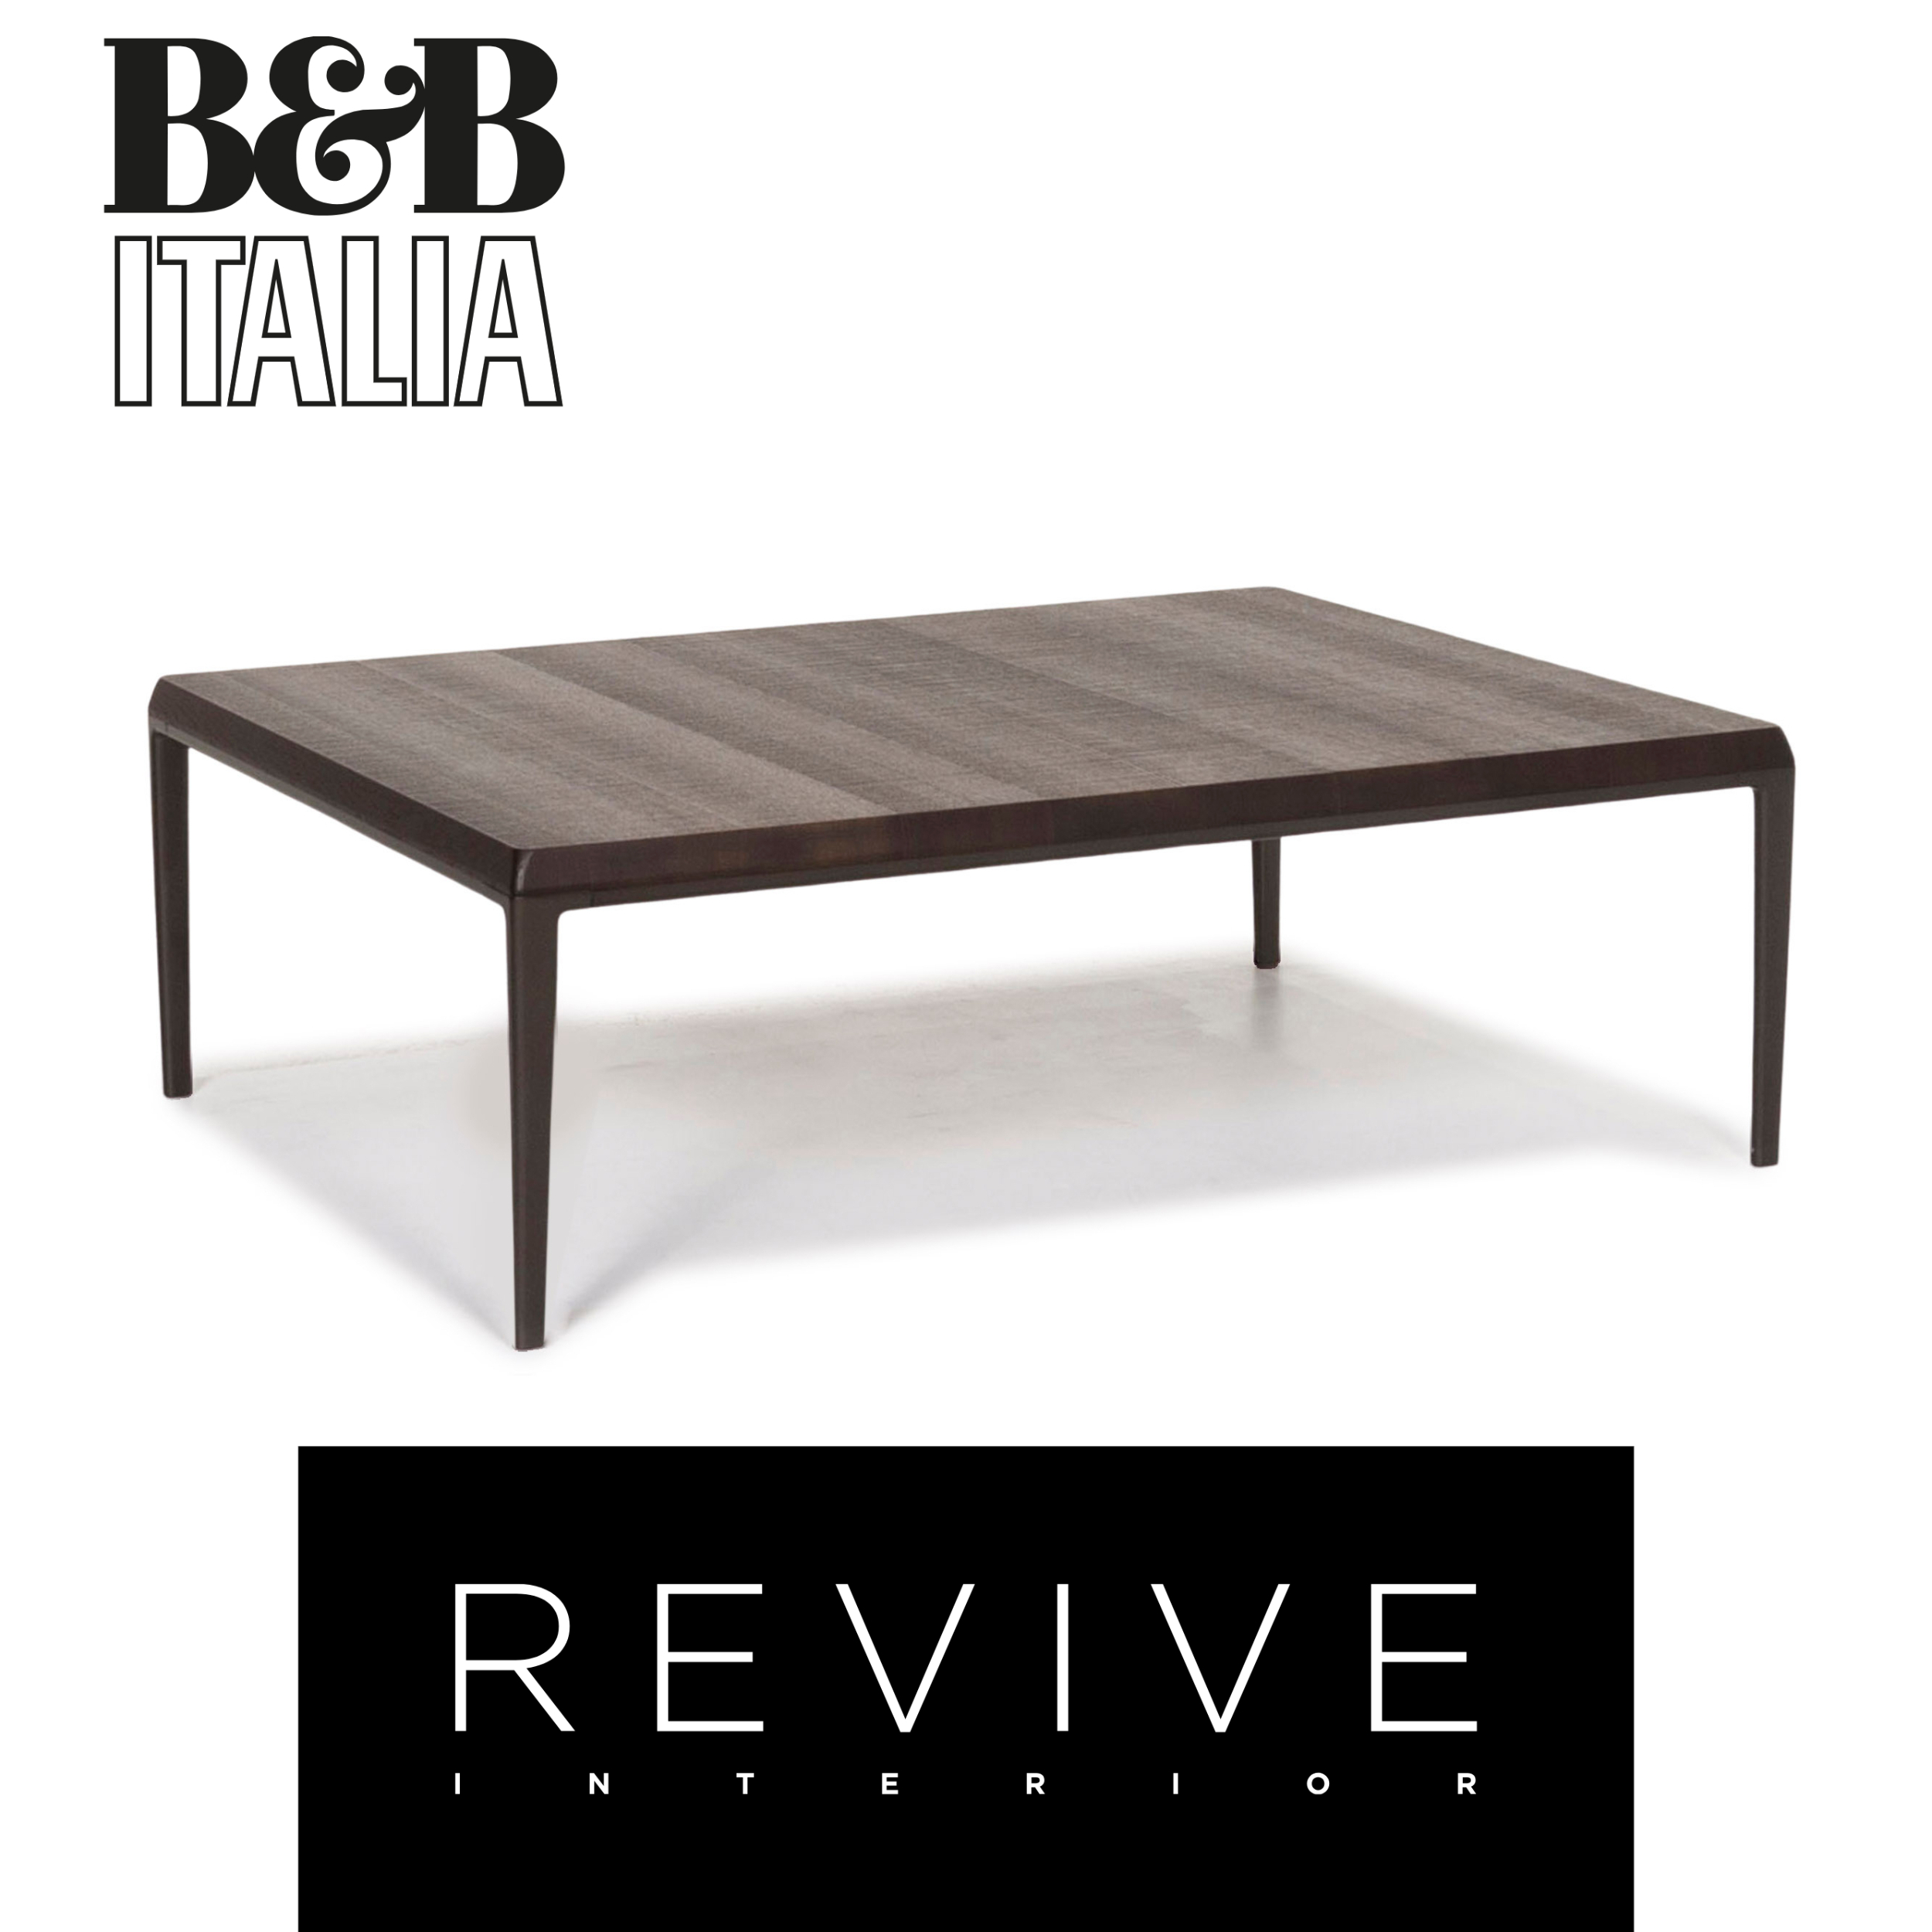 Details zu B&B Italia Michel MT 120 Holz Couchtisch Braun #13166